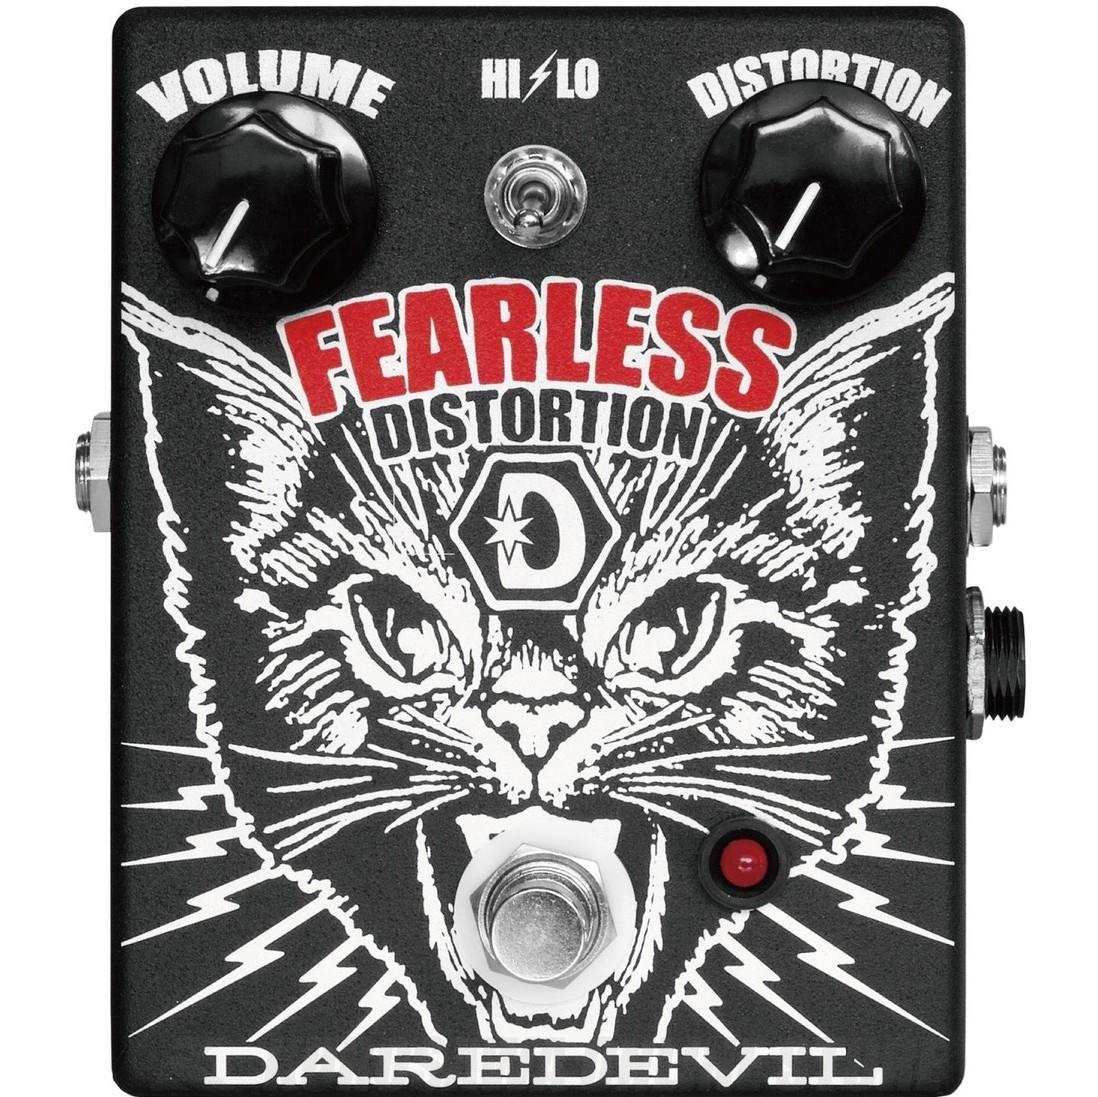 超熱 Daredevil Pedals Fearless Distortion STORE】 (エフェクター Fearless/ディストーション)(送料無料)【ONLINE STORE Distortion】, マルヒ:3ac86b4c --- canoncity.azurewebsites.net